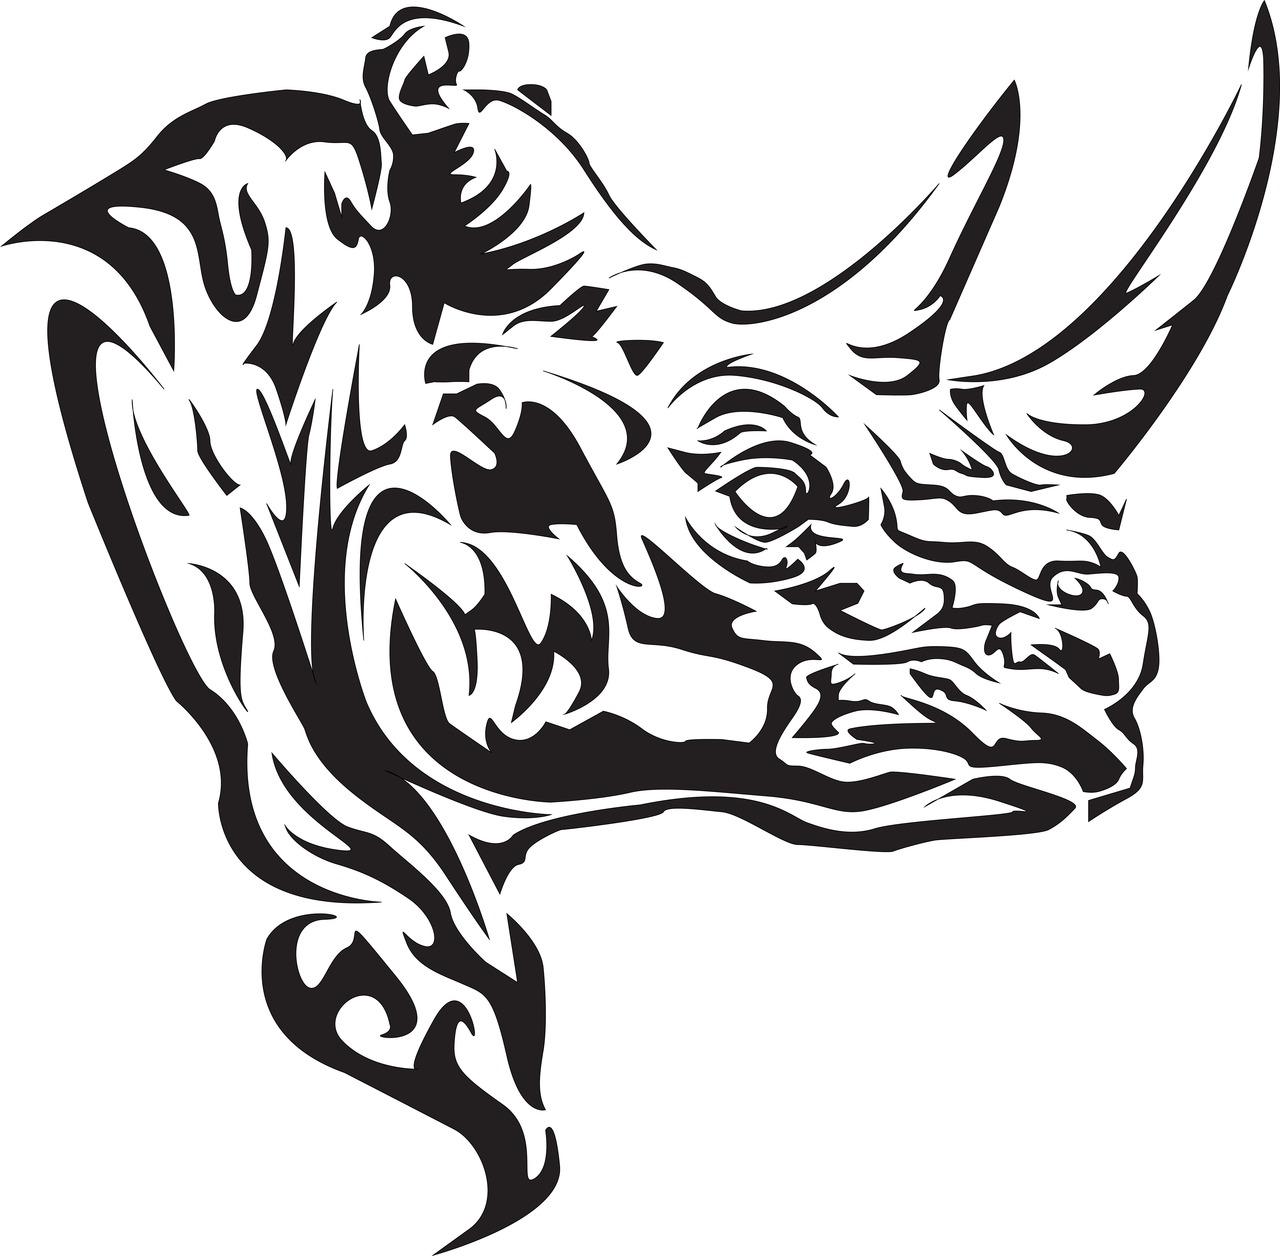 25 wonderful rhino tattoos designs